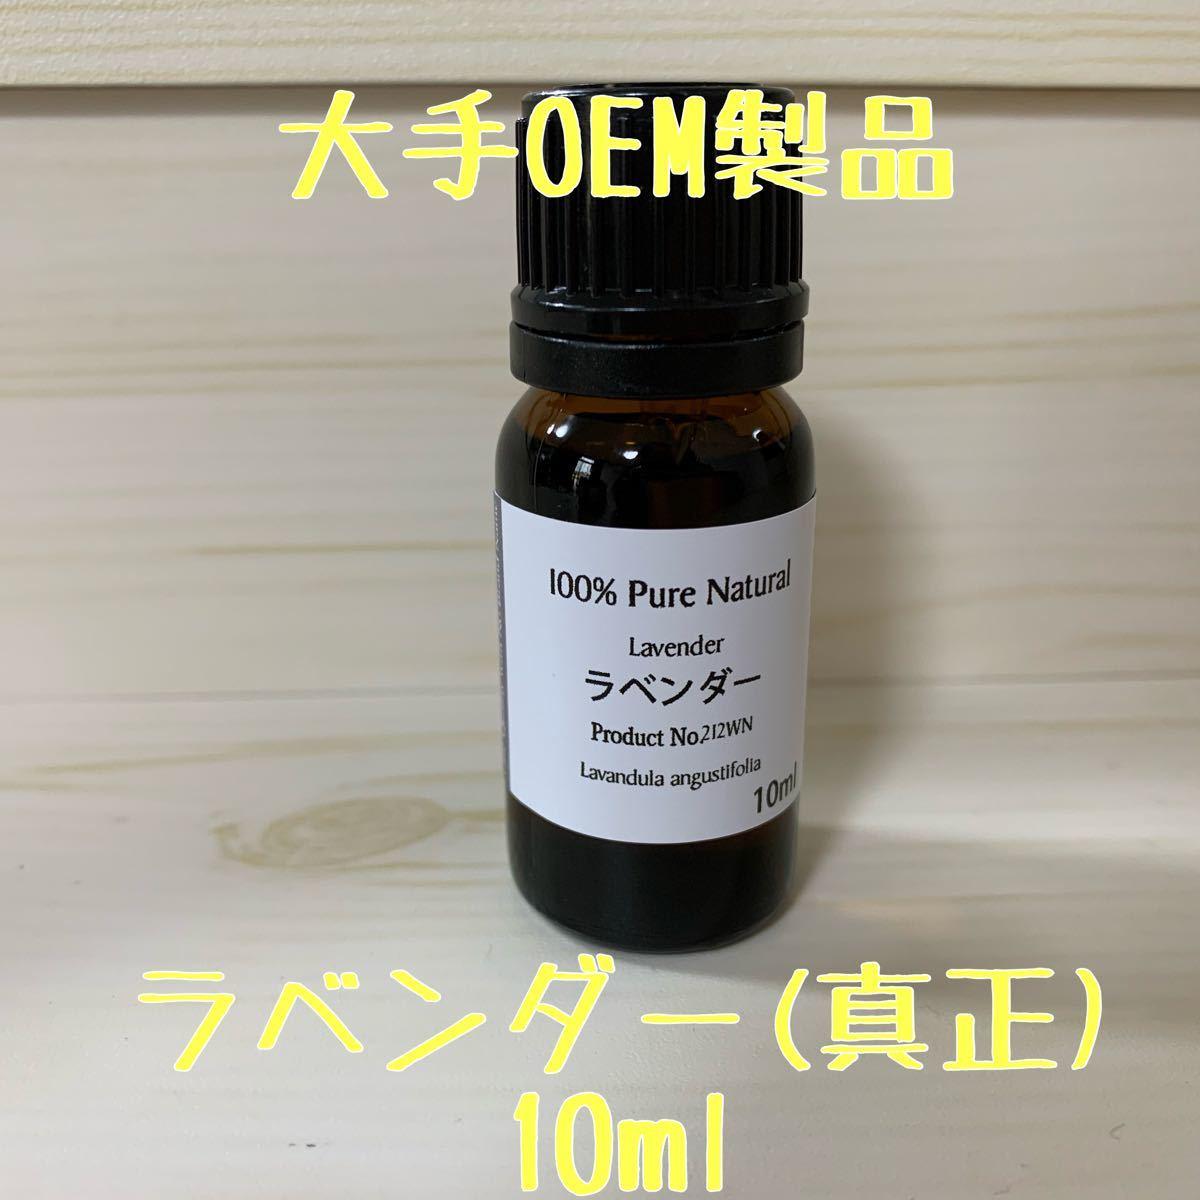 エッセンシャルオイル ラベンダー(真正) 精油10ml